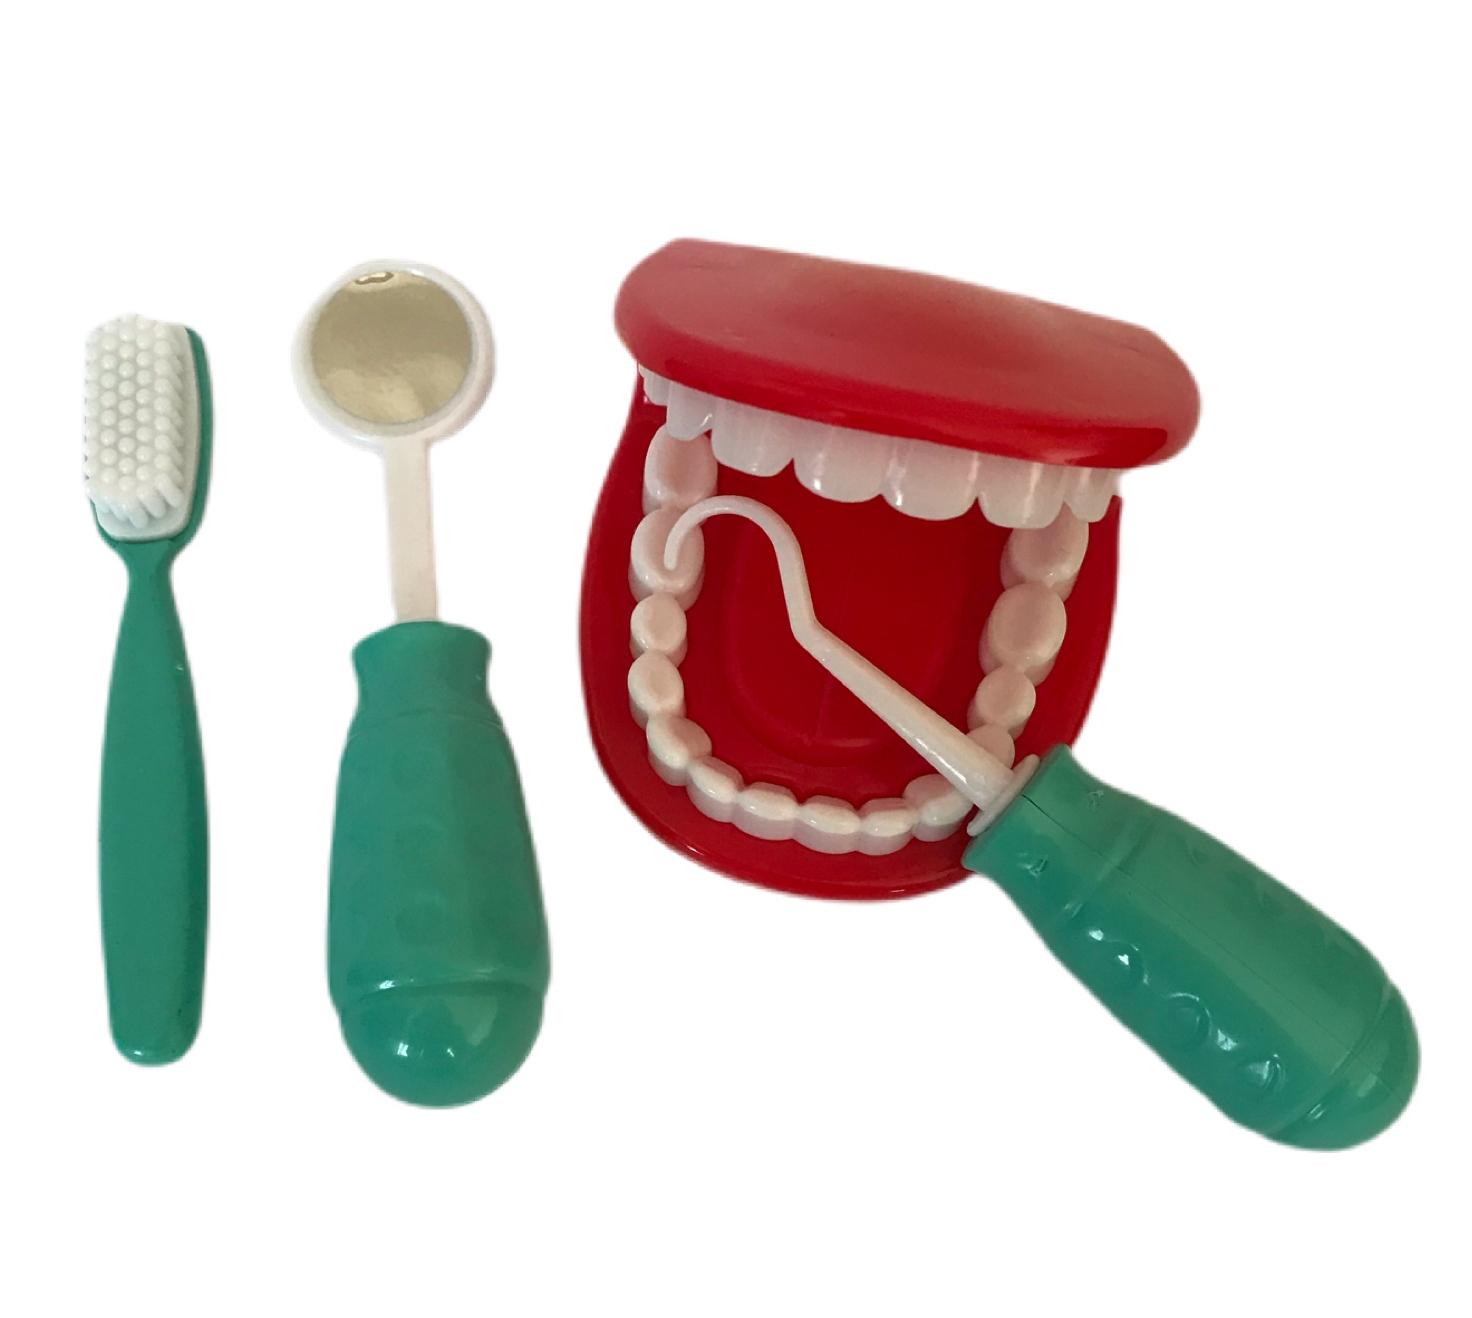 Maleta De Médico e Dentista Infantil 2 Unidades para Menino